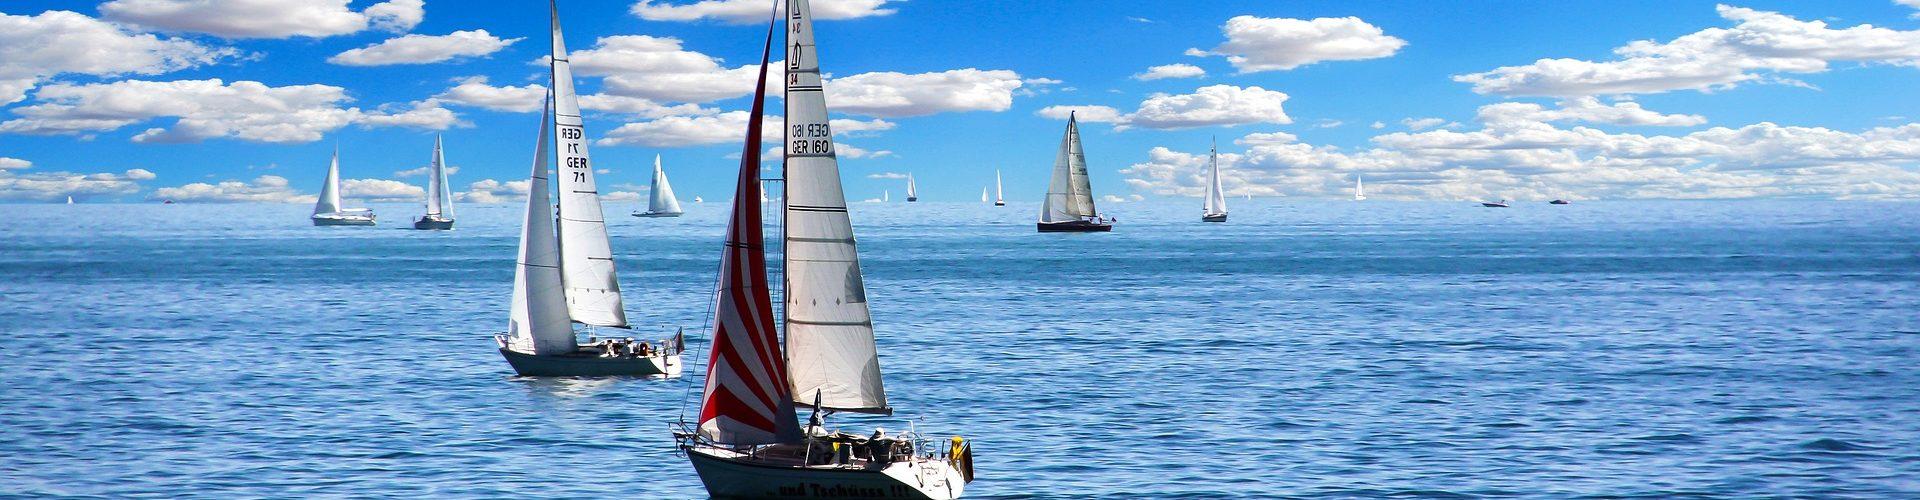 segeln lernen in Büchen segelschein machen in Büchen 1920x500 - Segeln lernen in Büchen